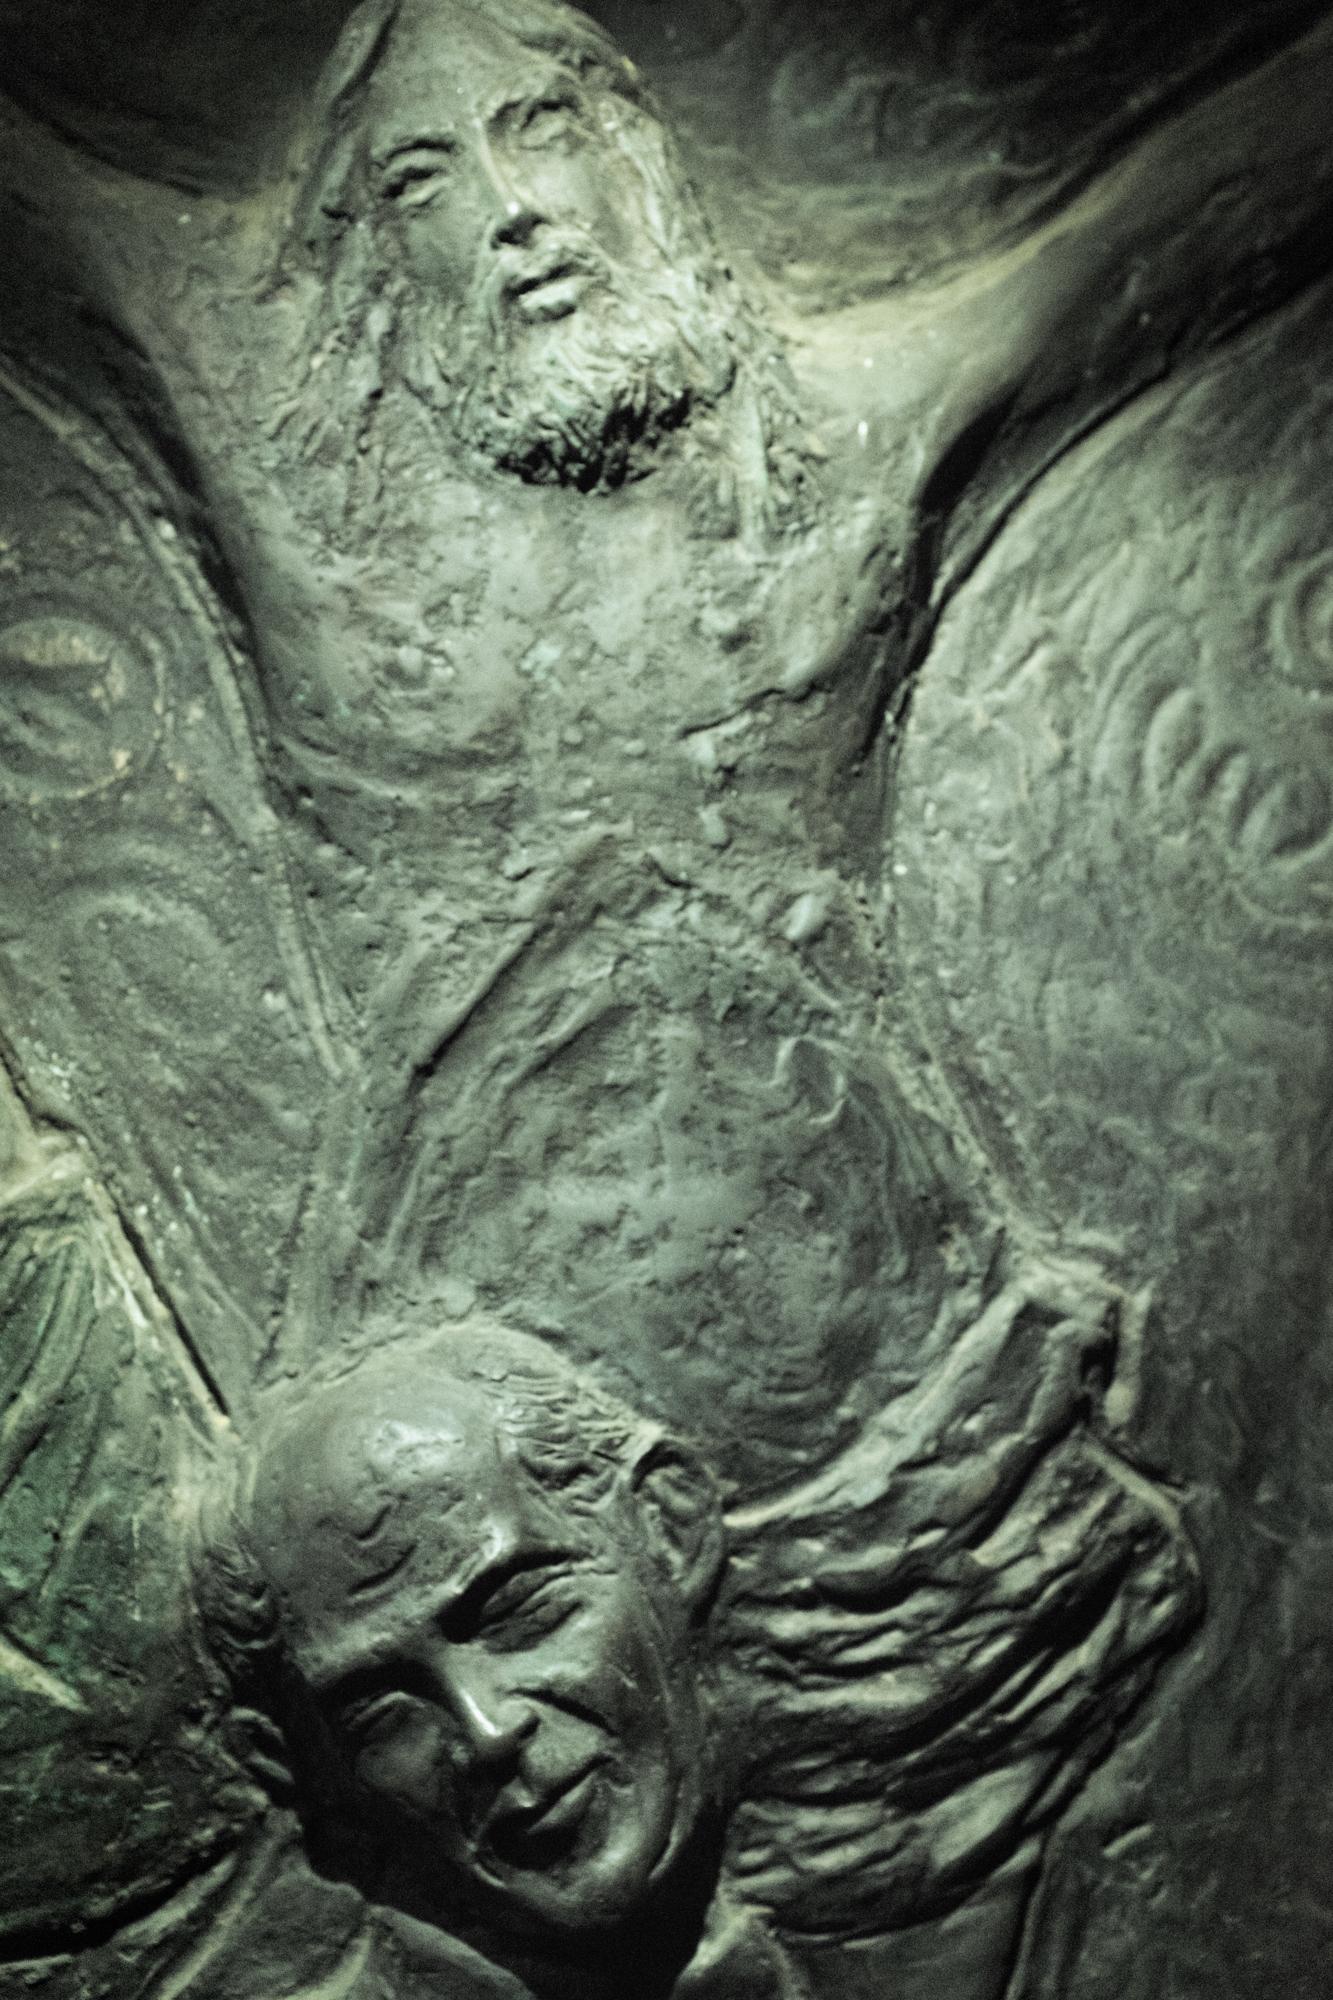 Bassorilievo raffigurante Don Cesare Boshin. Chiesa della SS. Annunziata di Borgo Montello (LT), 2015.  Il corpo di Don Cesare Boschin fu ritrovato senza vita il 30 marzo 1995. Il parroco, a 81 anni, aveva ancora le energie per aiutare il comitato di borghigiani che lottava contro l'avvelenamento causato dalla discarica. L'avvertimento fu chiaro e la paura per la propria vita e quella dei propri familiari soffocò le proteste del comitato.